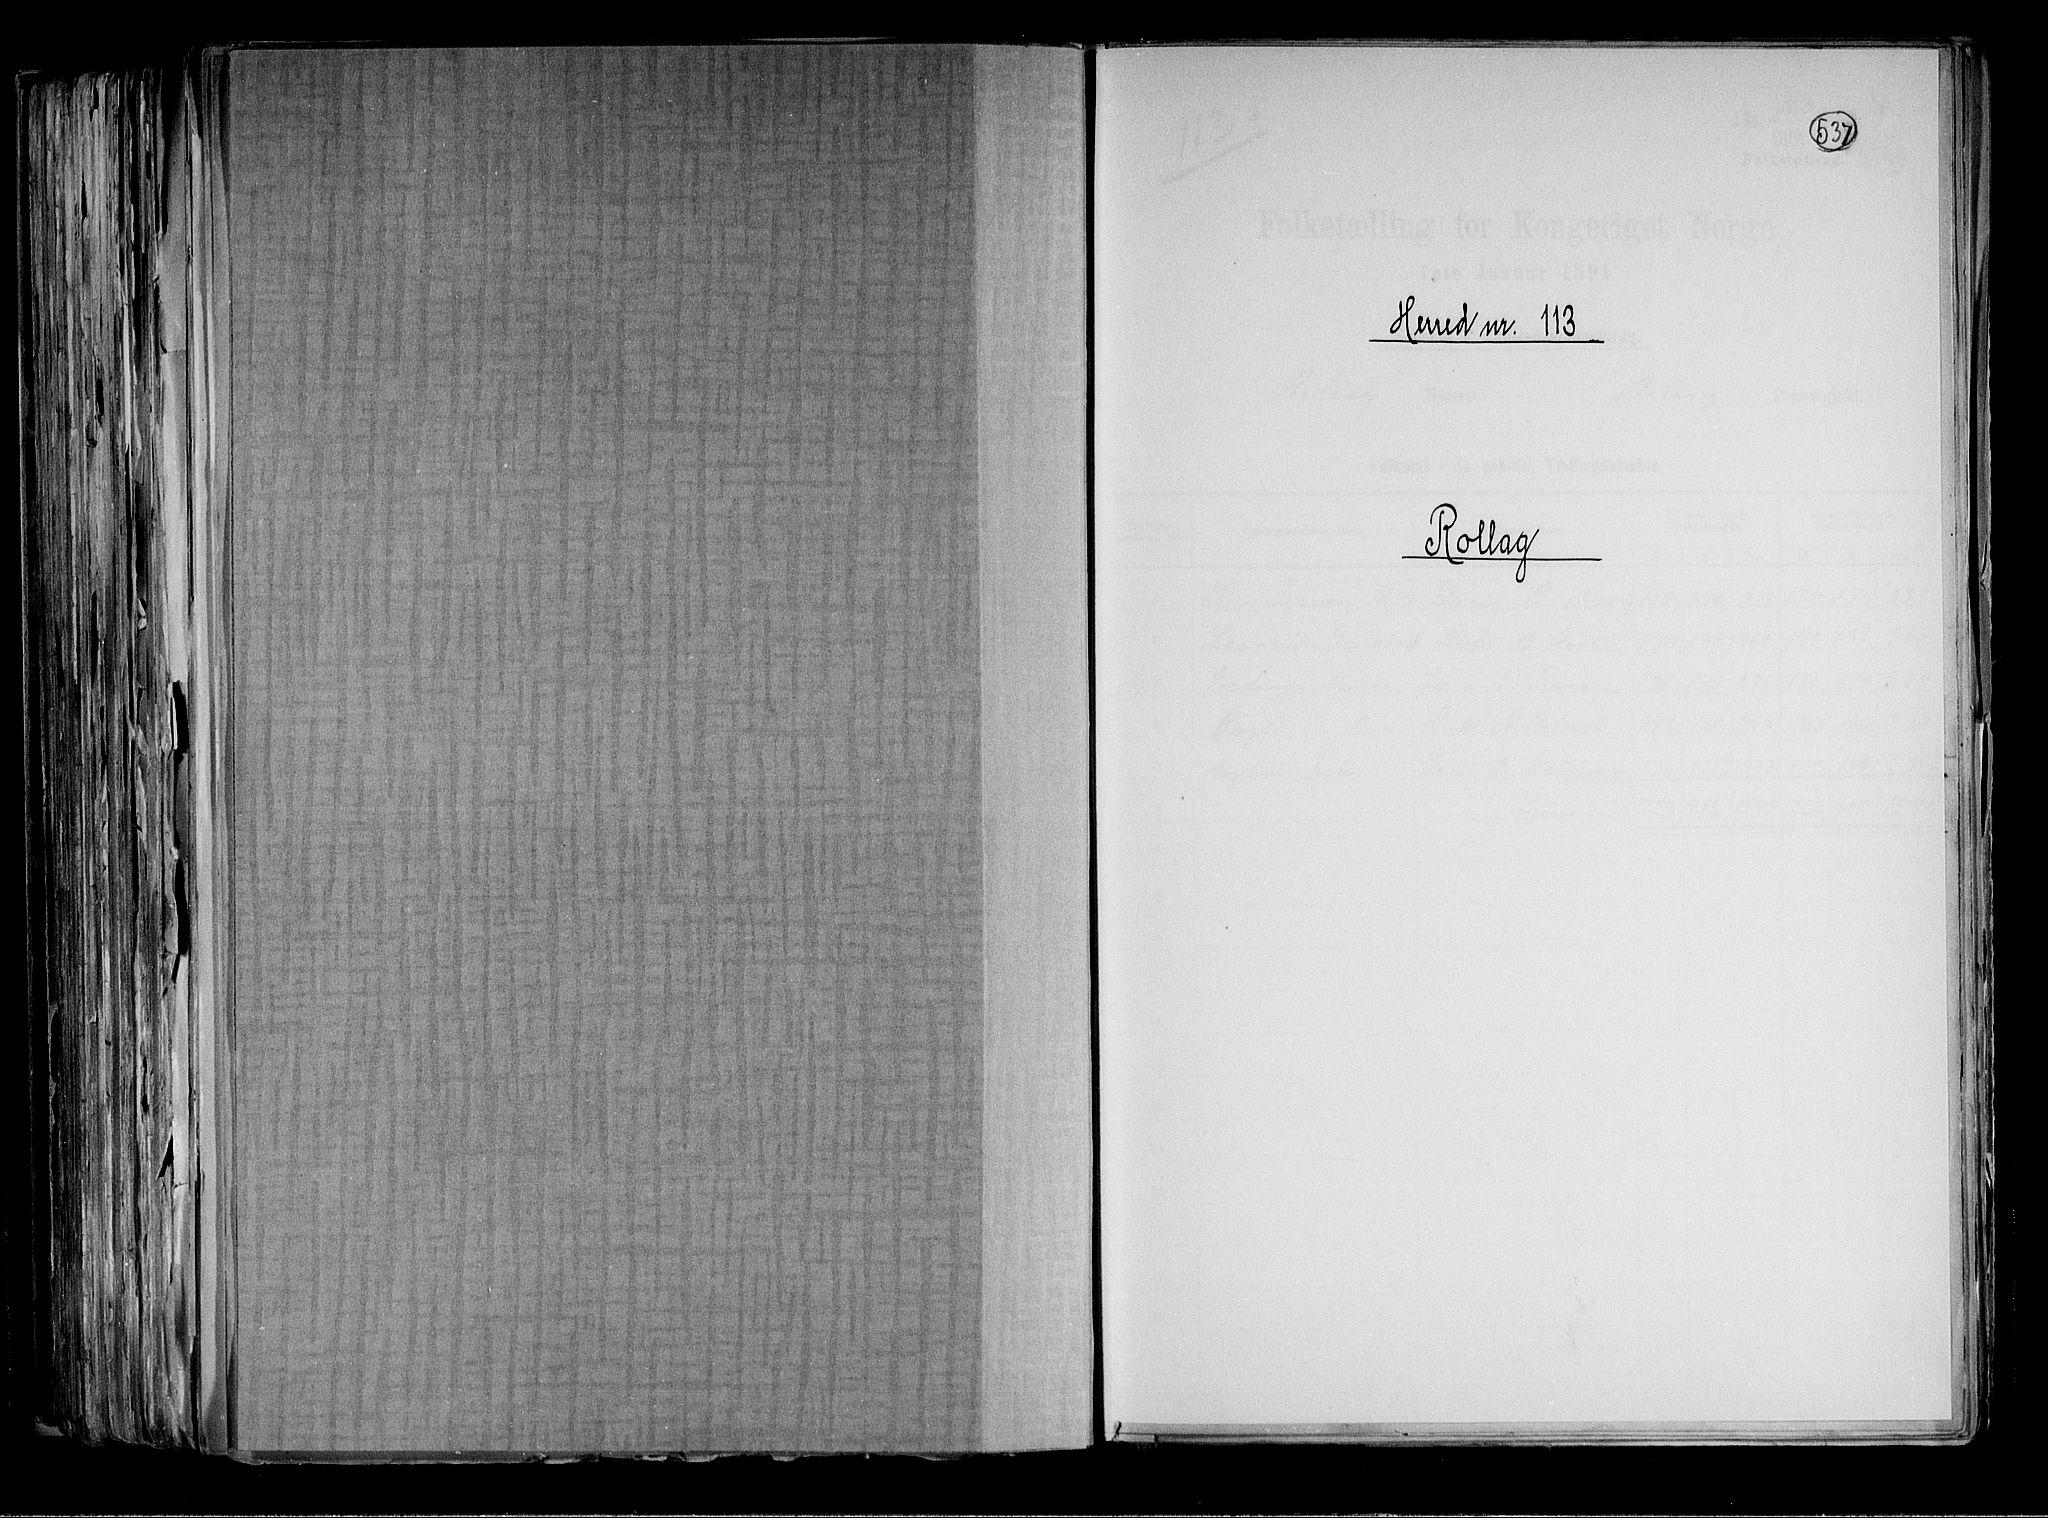 RA, Folketelling 1891 for 0632 Rollag herred, 1891, s. 1